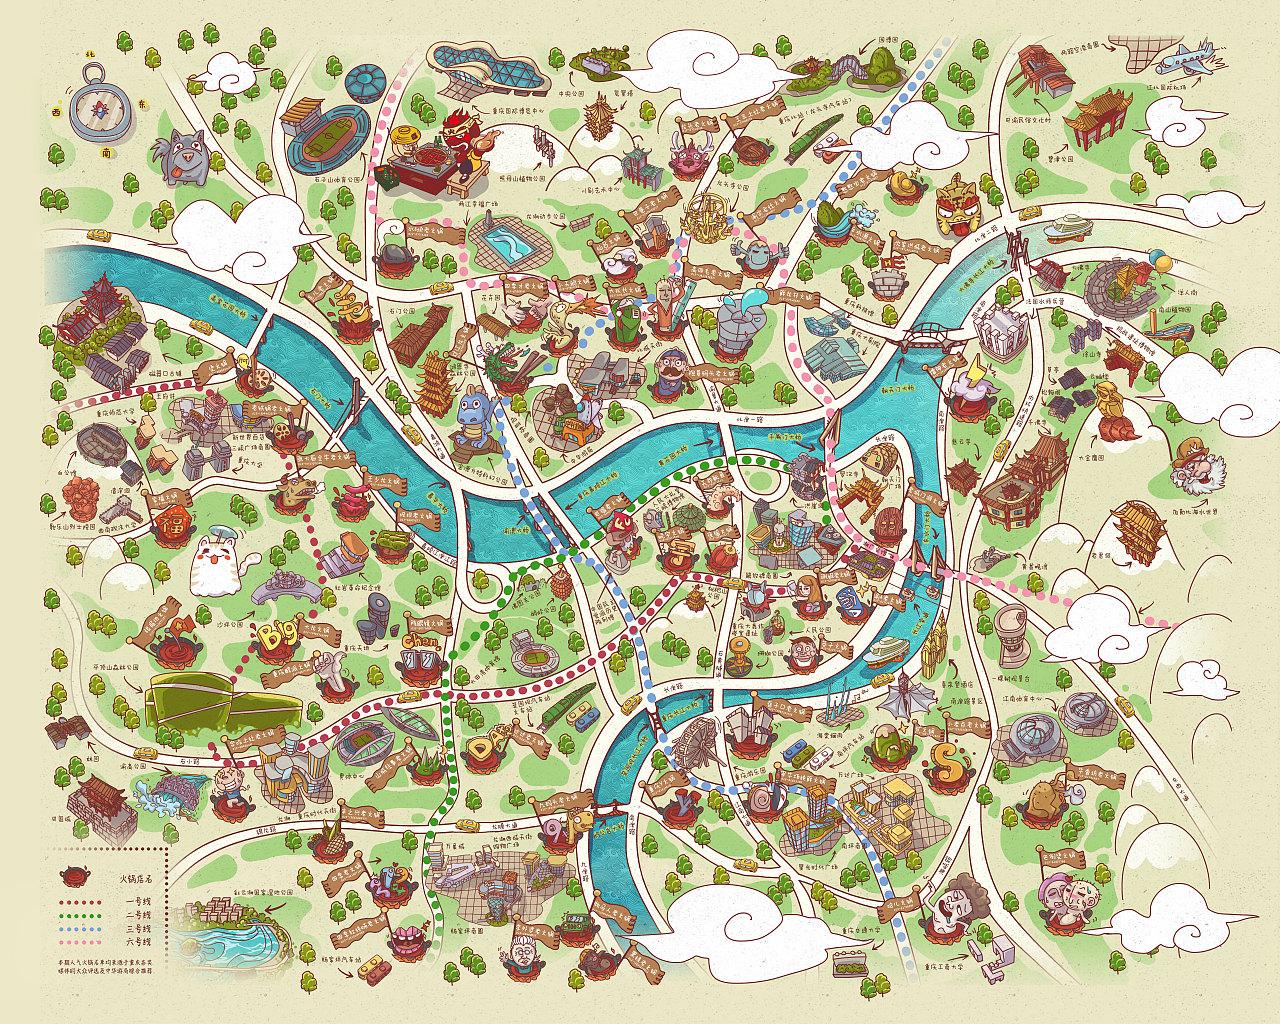 重庆火锅地图|插画|商业插画|dengjibibi - 原创作品图片